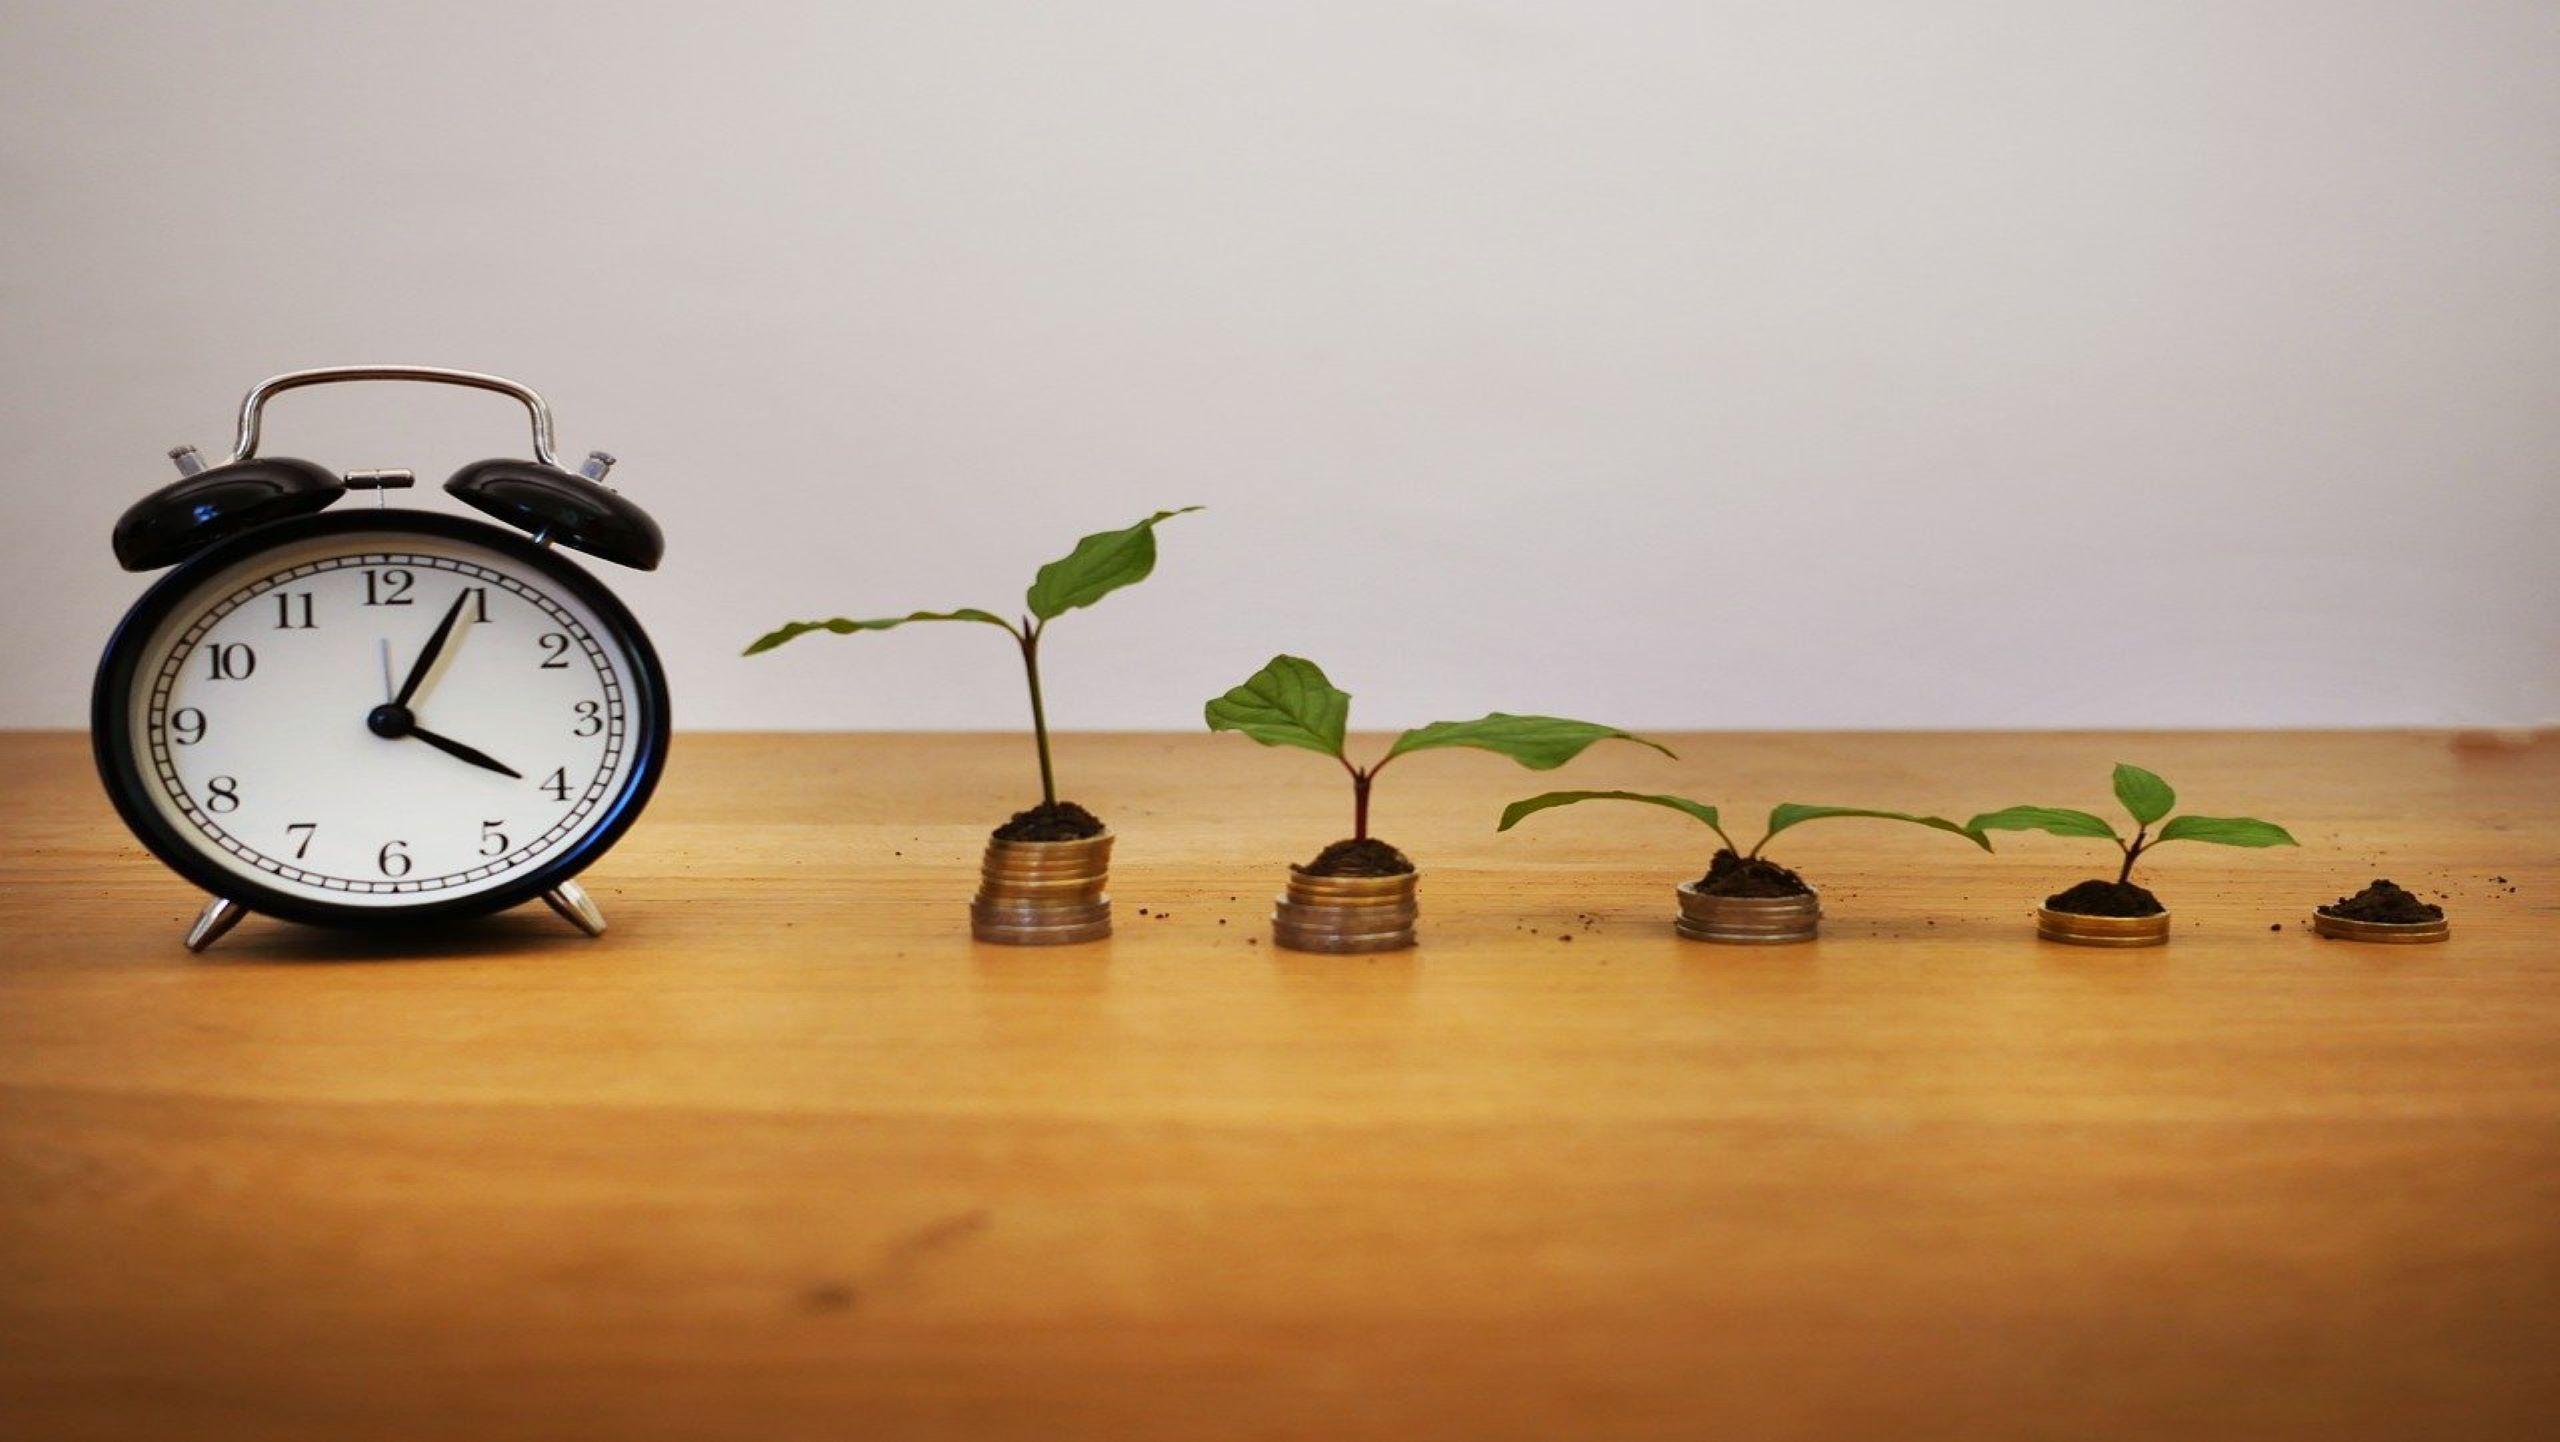 Kapitalwertmethode - Investitionen mit Zinseinfluss kalkulieren